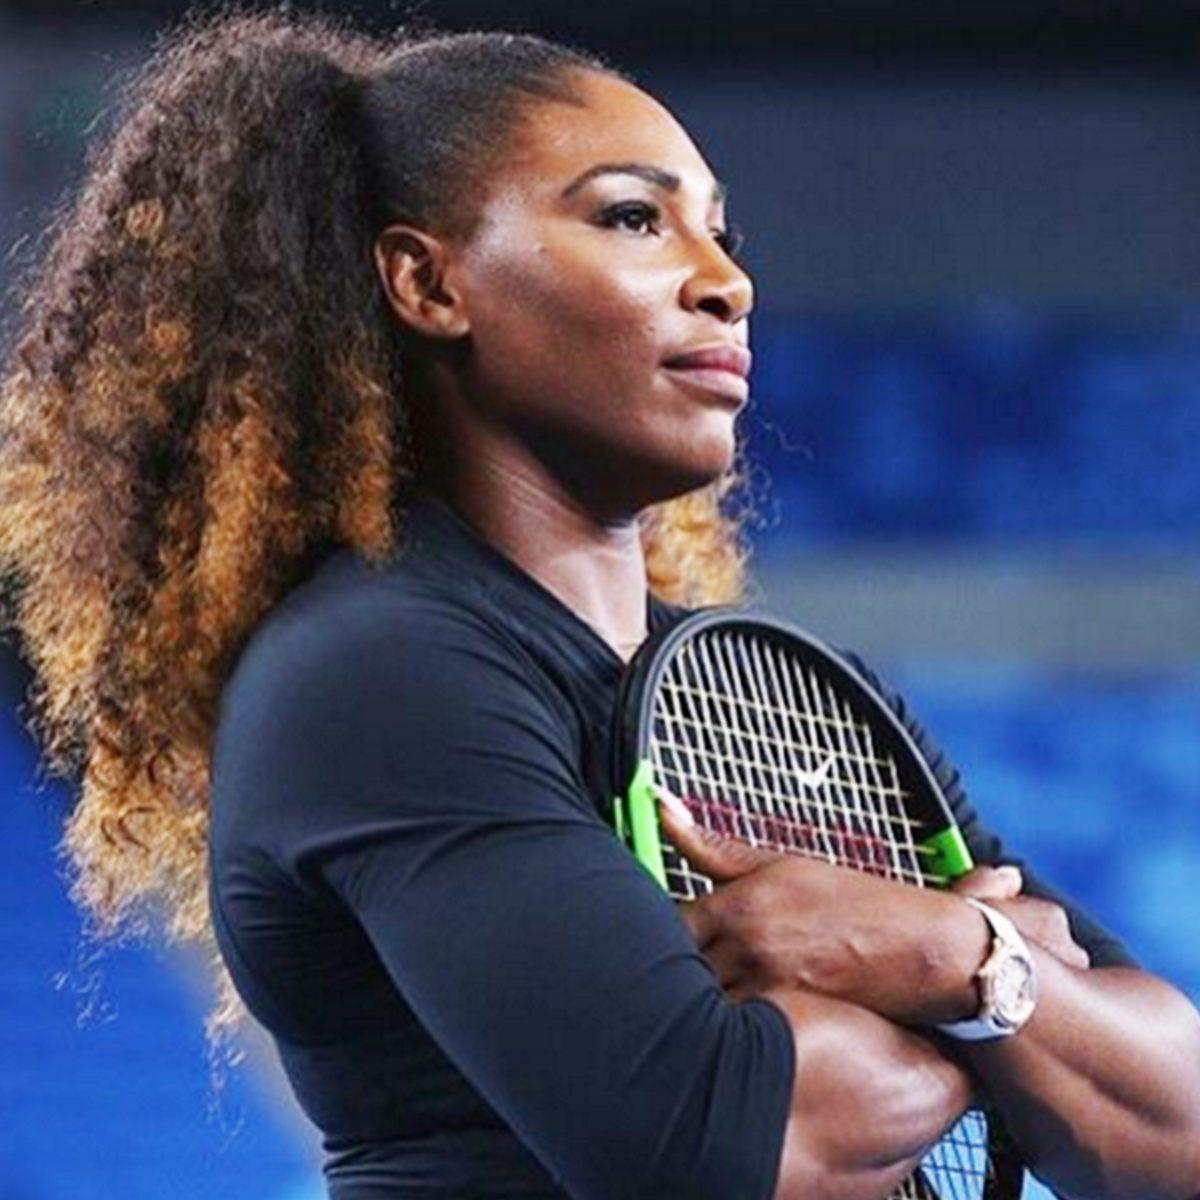 Serena Williams Hamile Olduğunu Açıkladı!